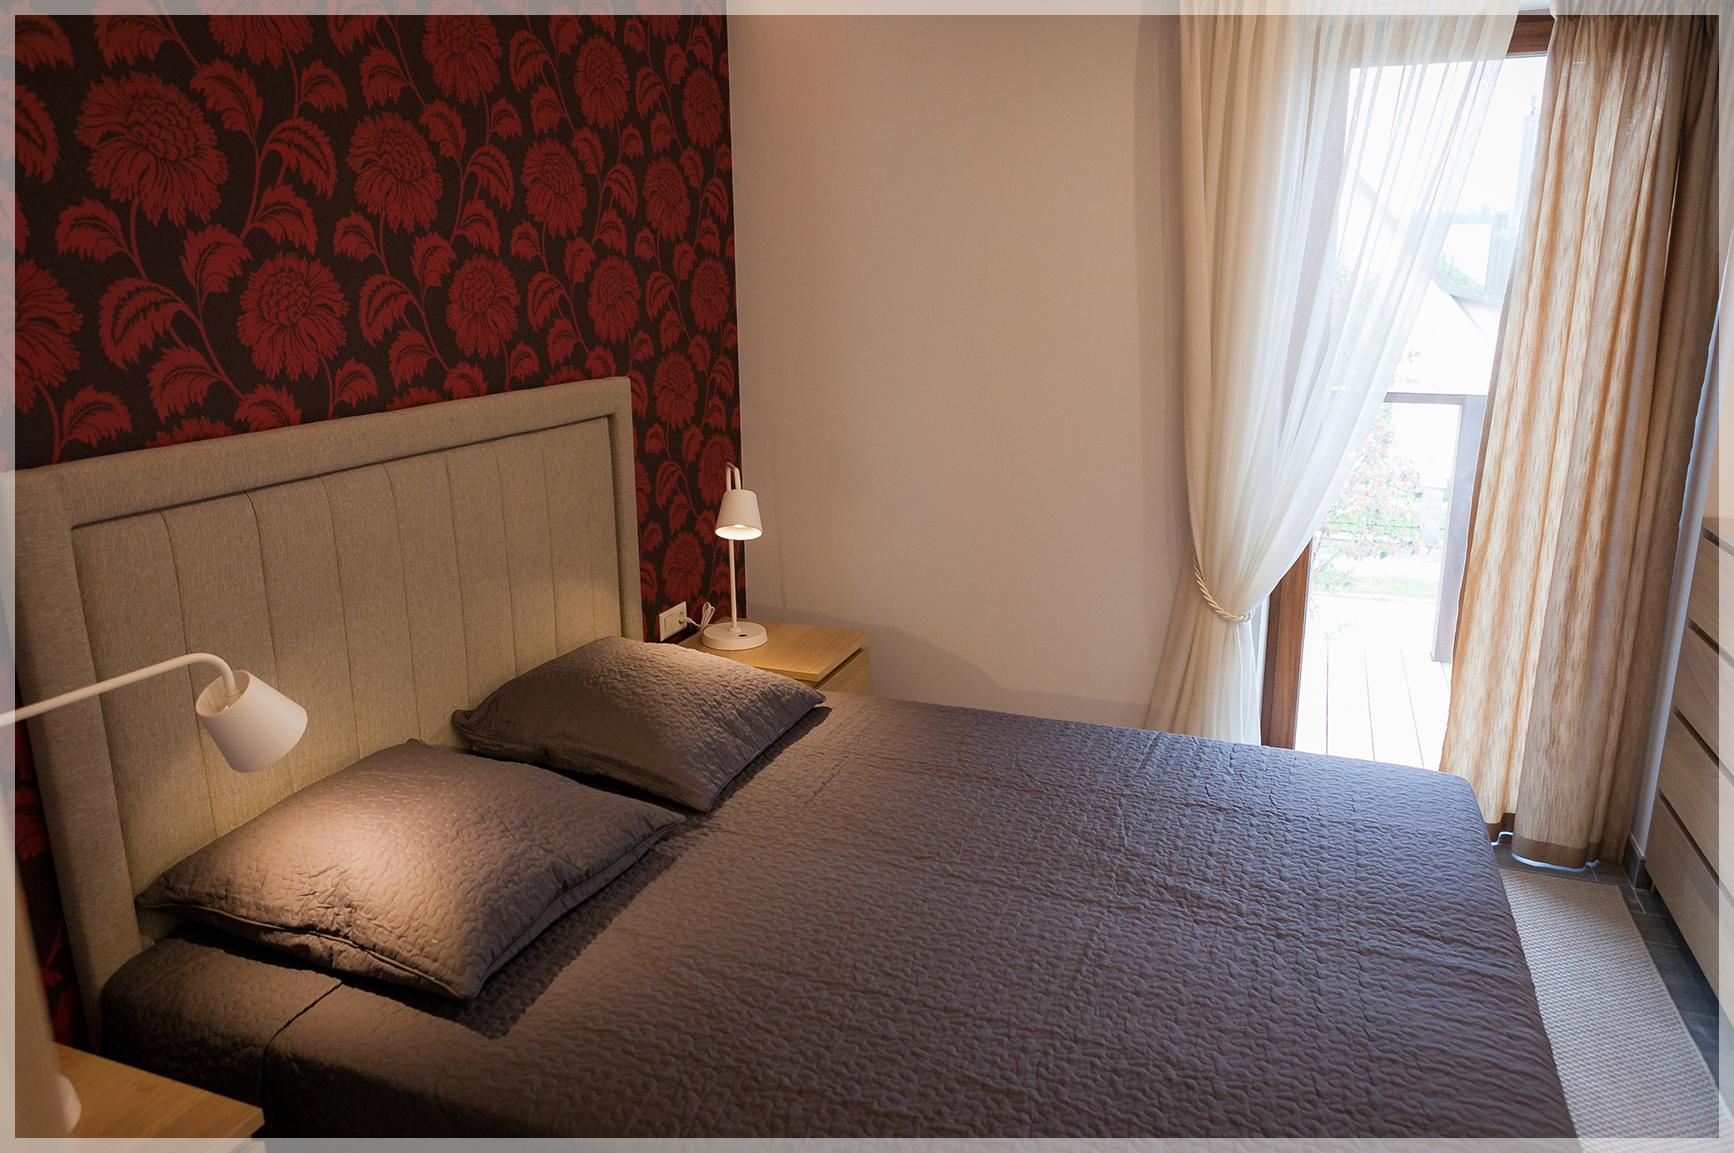 Vila_Nikolas__0007_raudonieji apartamentai